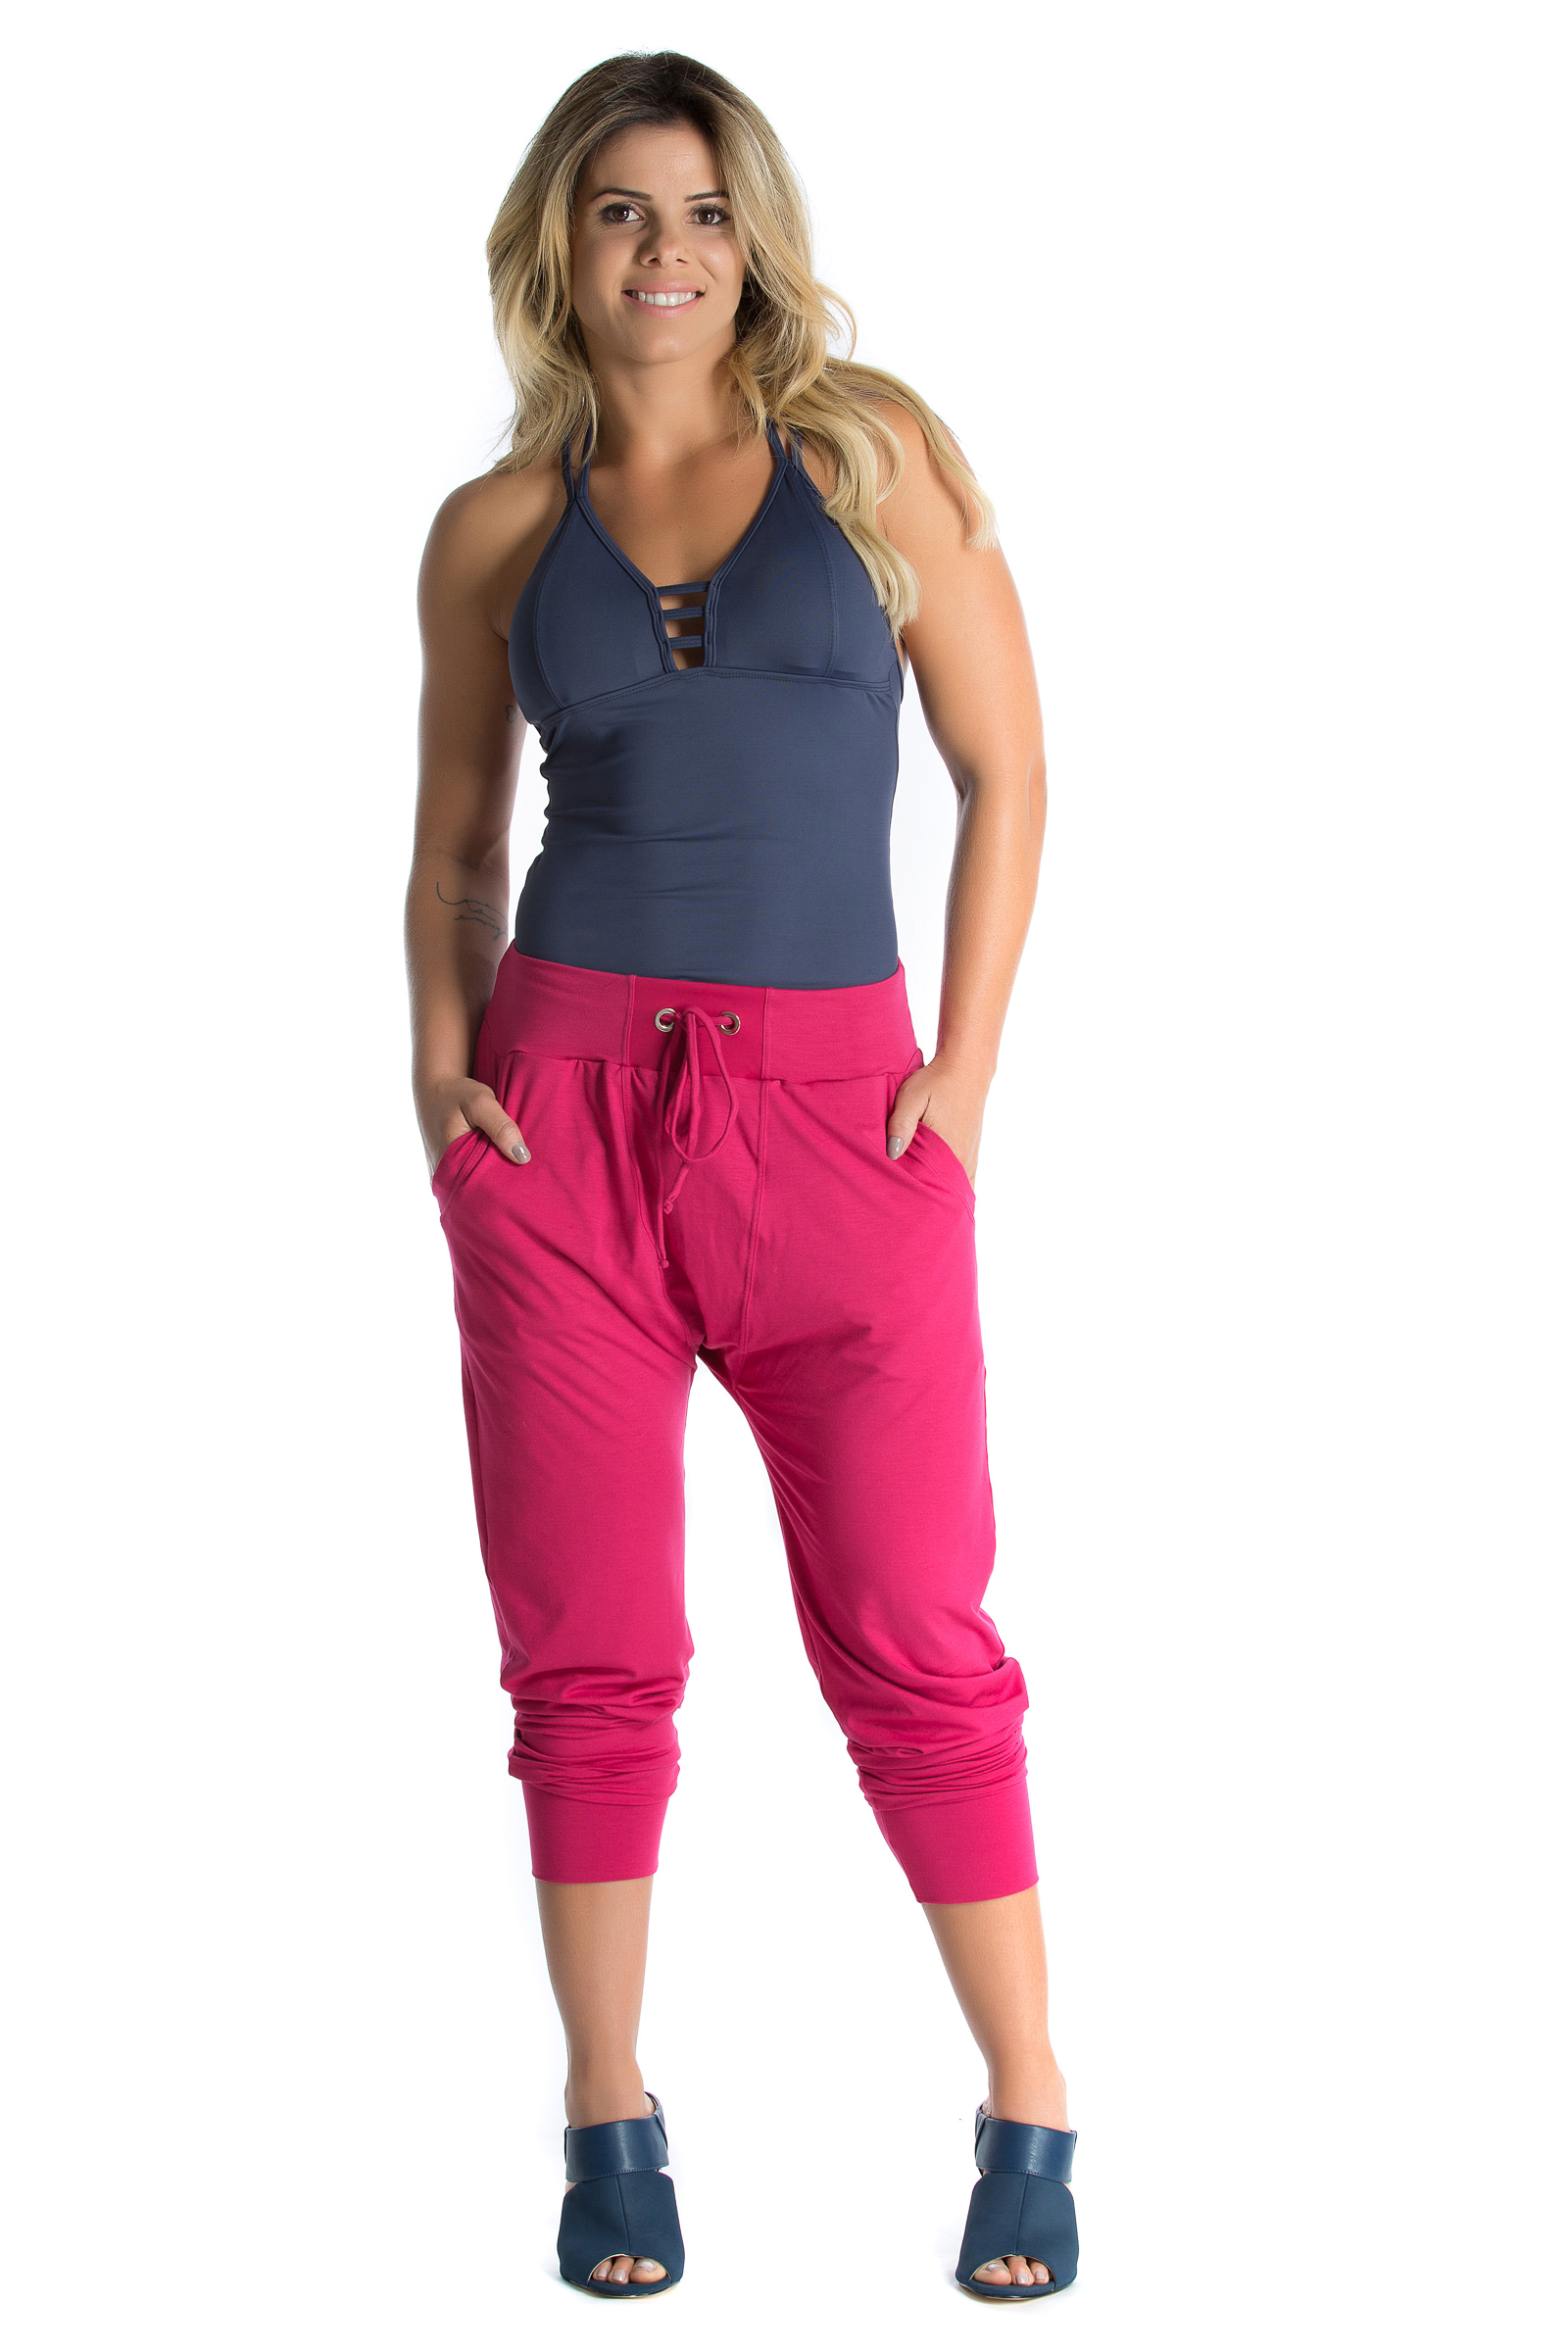 Regata Bright Marinho, Coleção Mulheres Reais - NKT Fitwear Moda Fitness